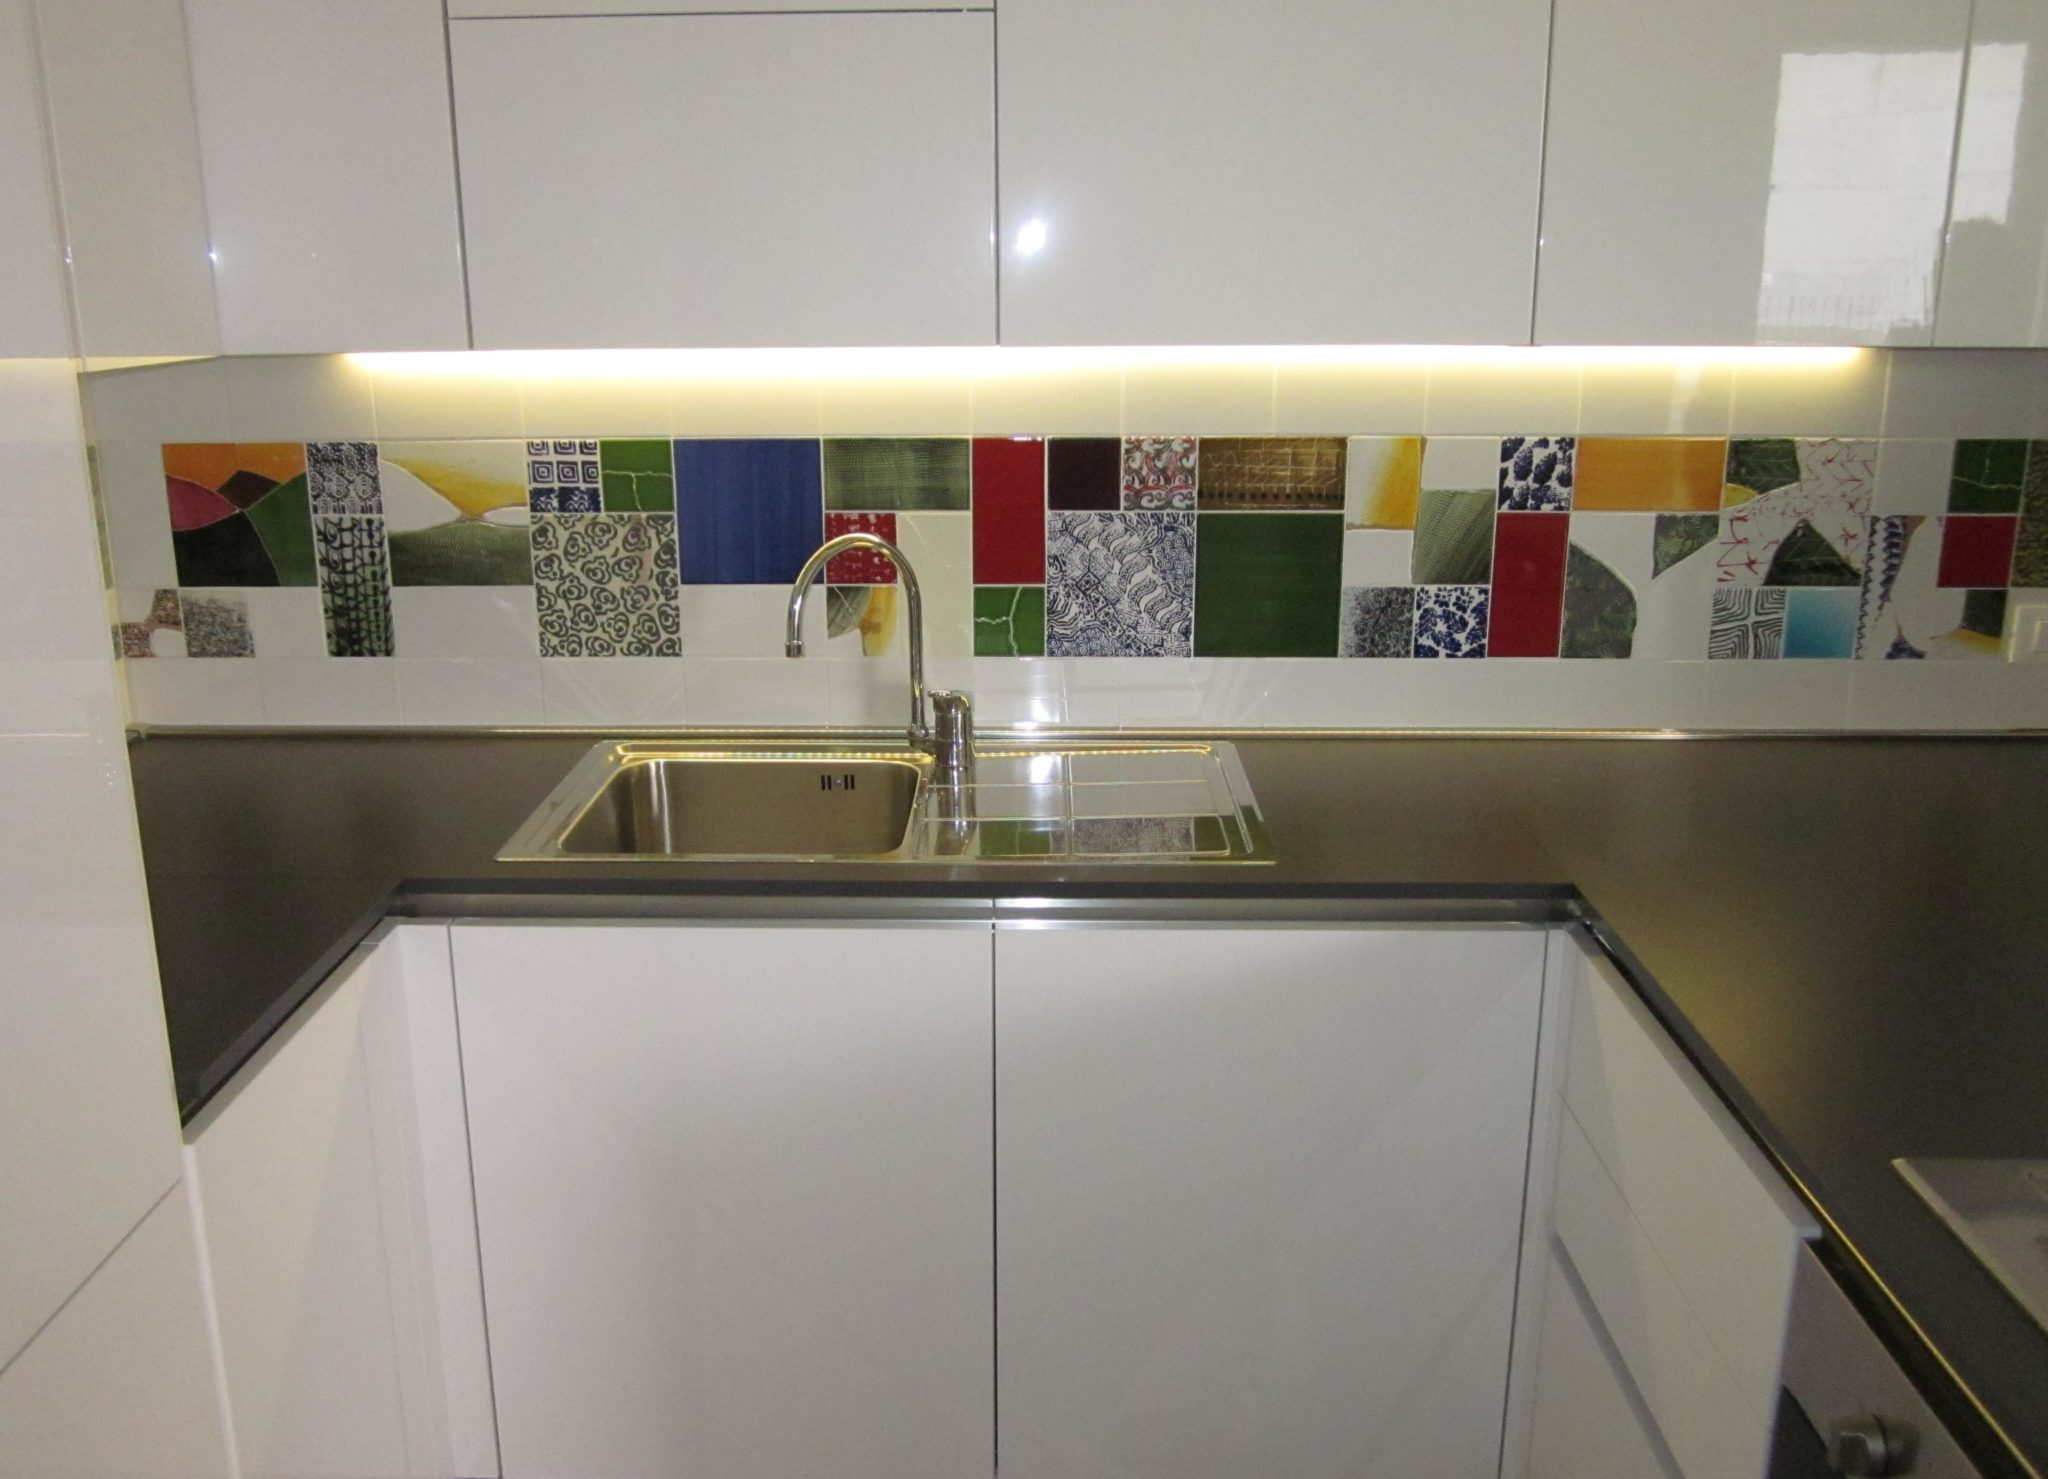 Coprire Piastrelle Cucina Con Pannelli tra basi e pensili in cucina - lineatre - kucita - gli